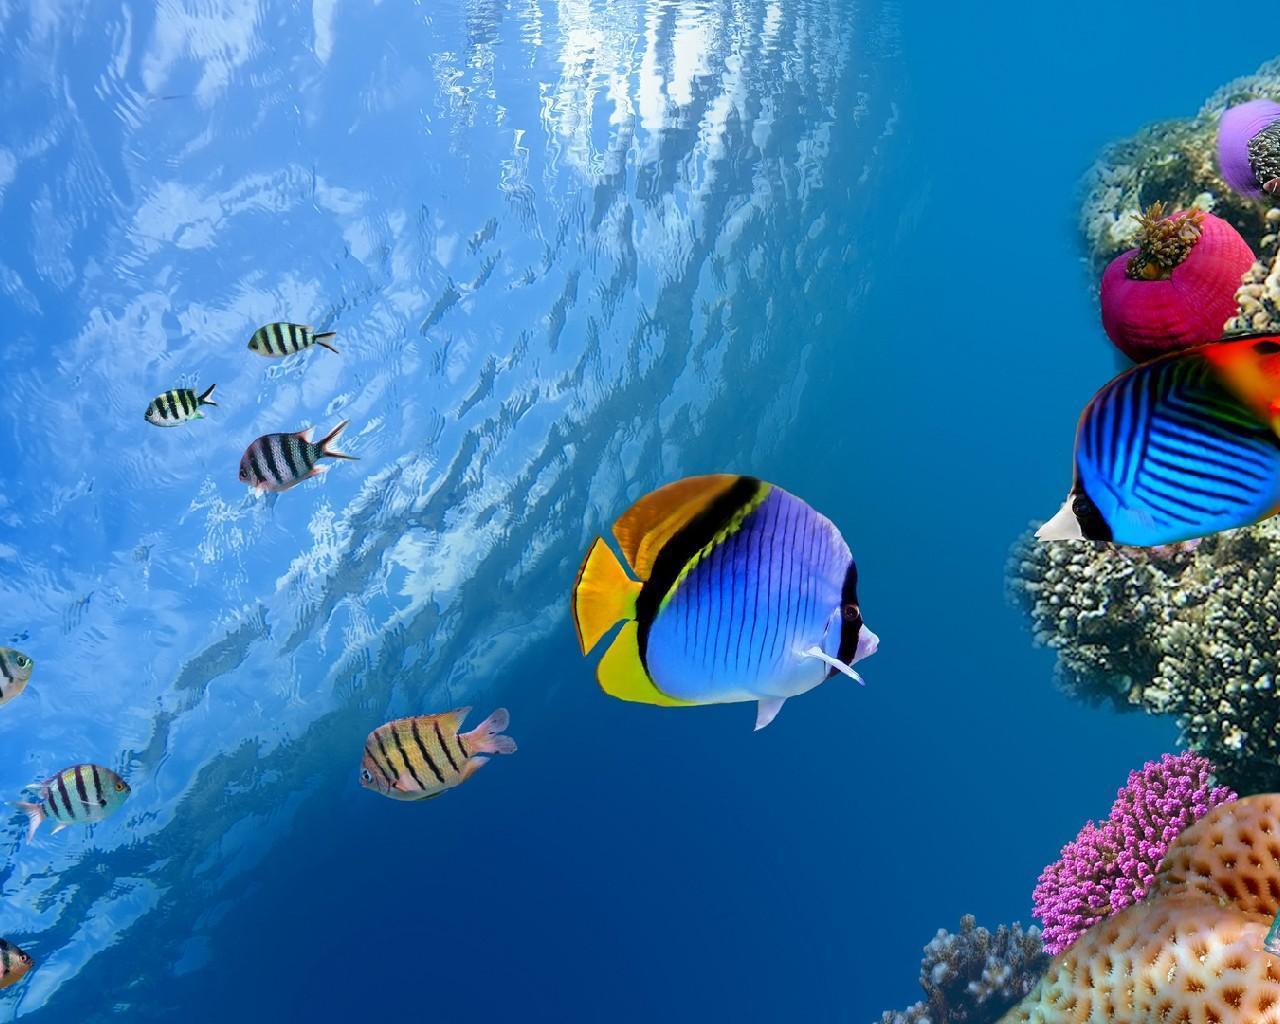 Fish Wallpaper 3D Aquarium New Background HD 2019 for